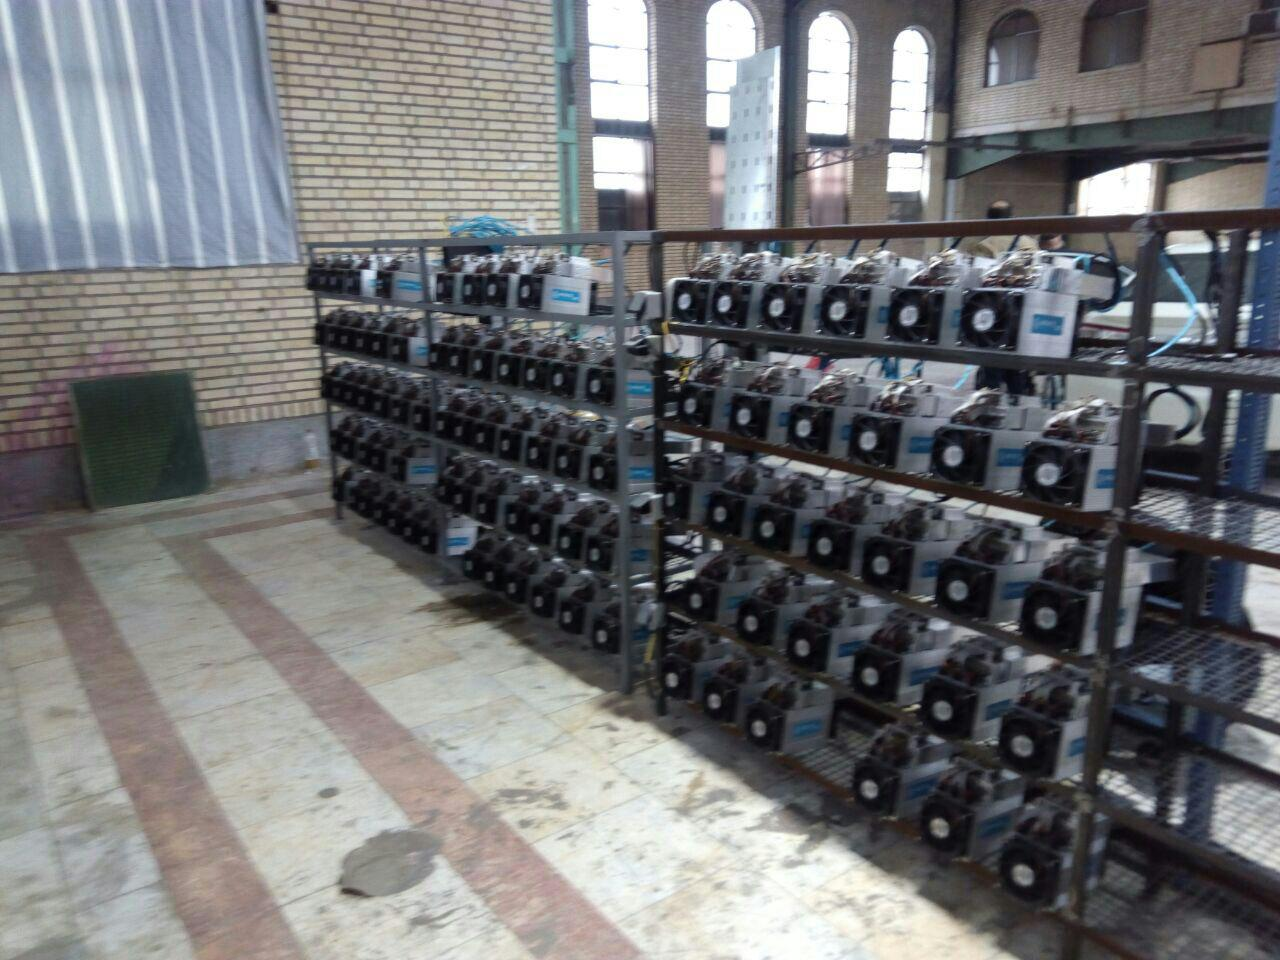 Со временем в Иране появились нелегальные майнинговые фермы, в том числе в мечетях, так как там бесплатная электроэнергия. Фото — Elliptic.